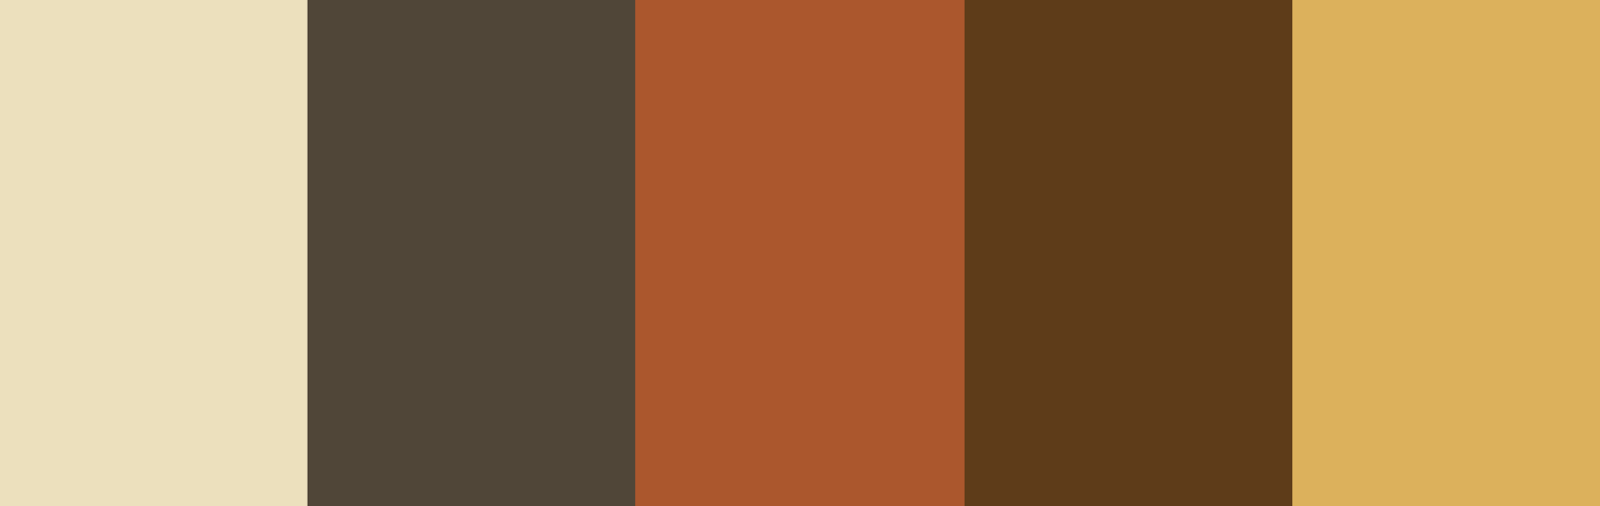 paletas de colores marrones